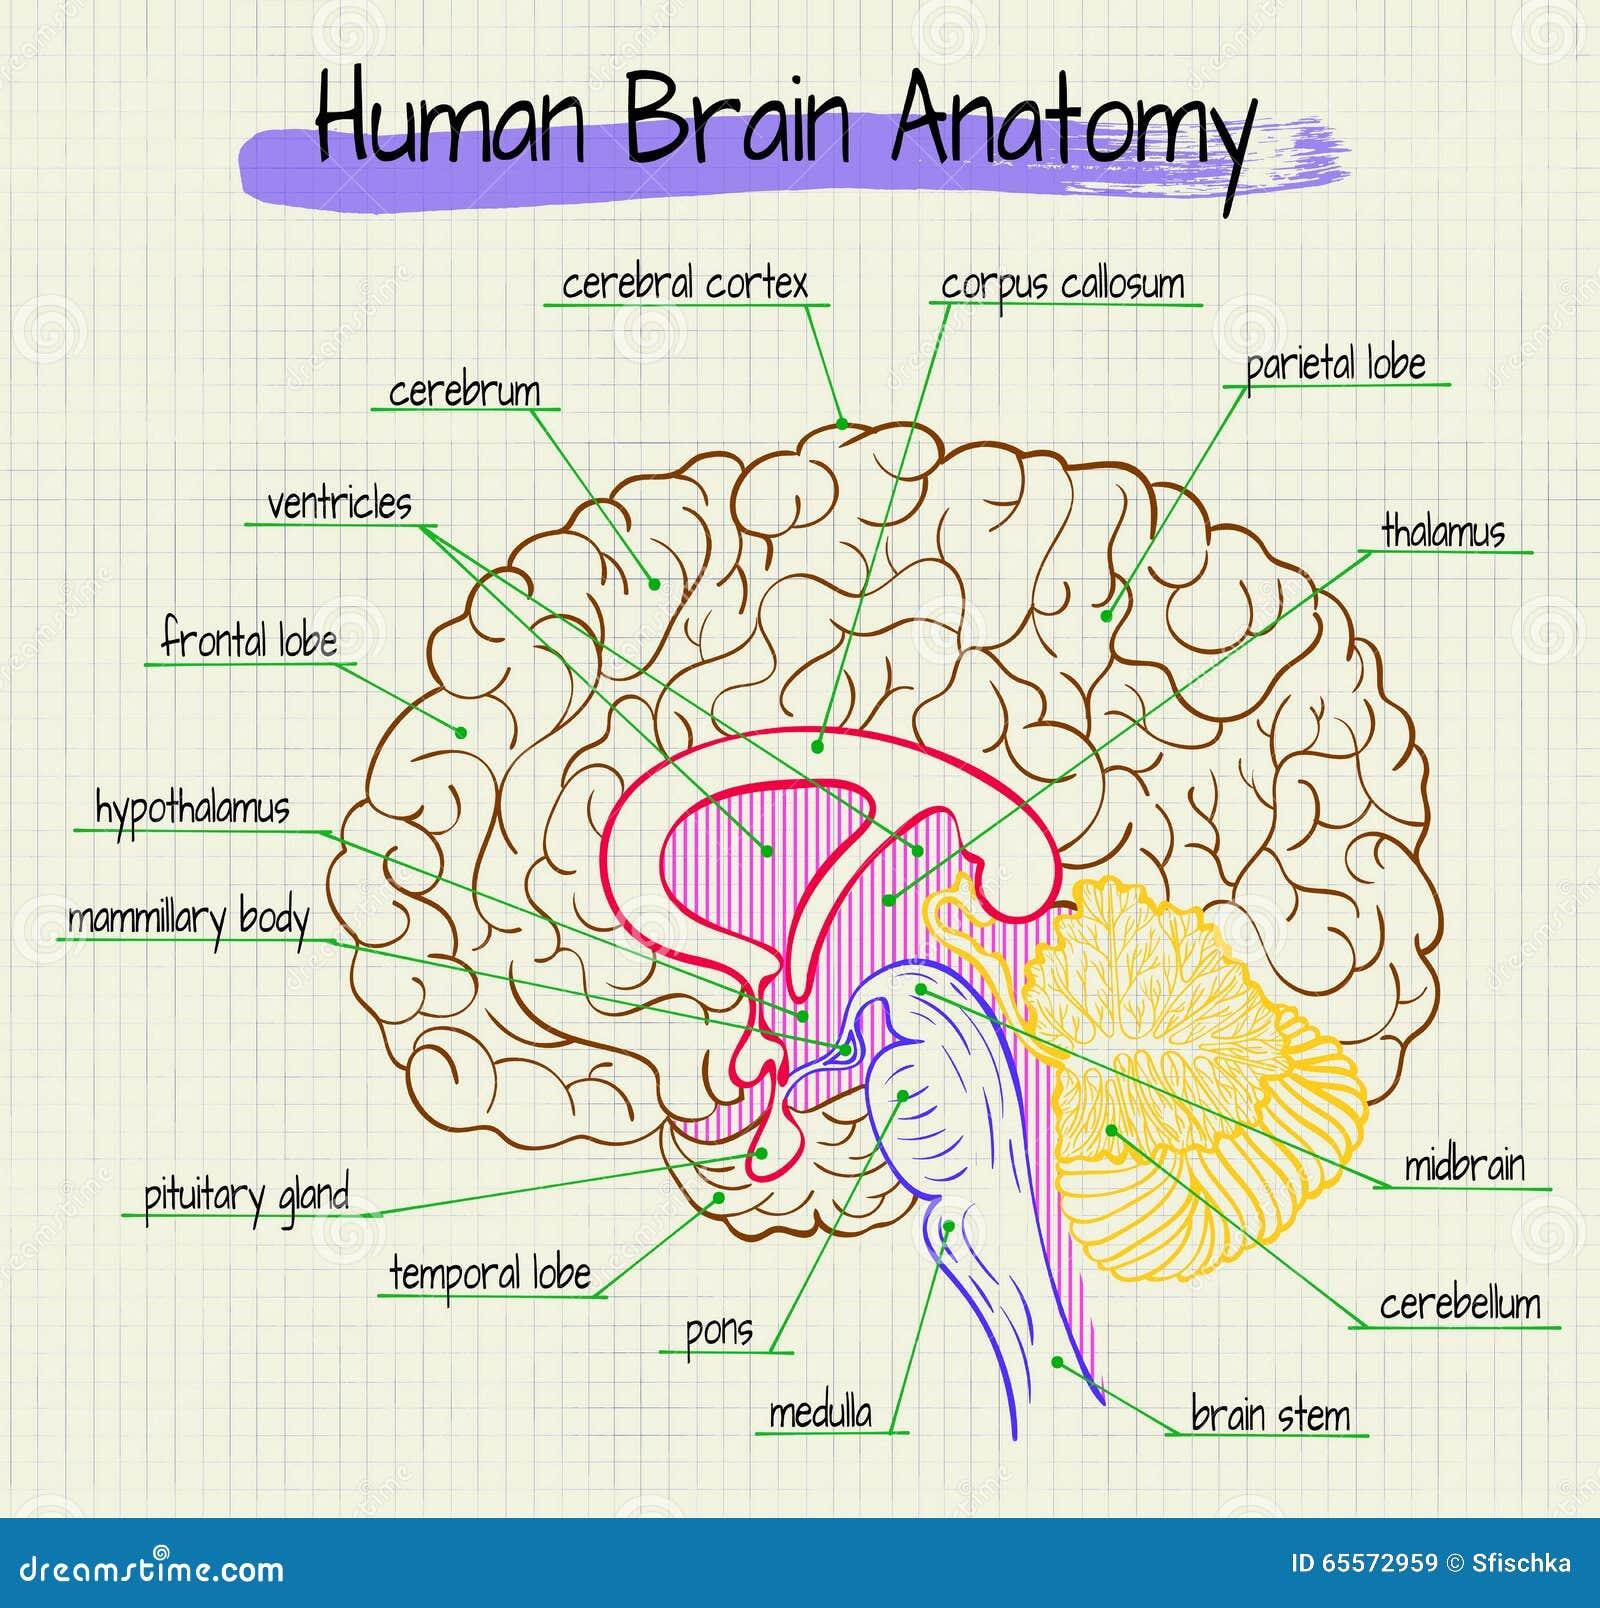 La Anatomía De La Vista Lateral Del Cerebro Humano Ilustración del ...